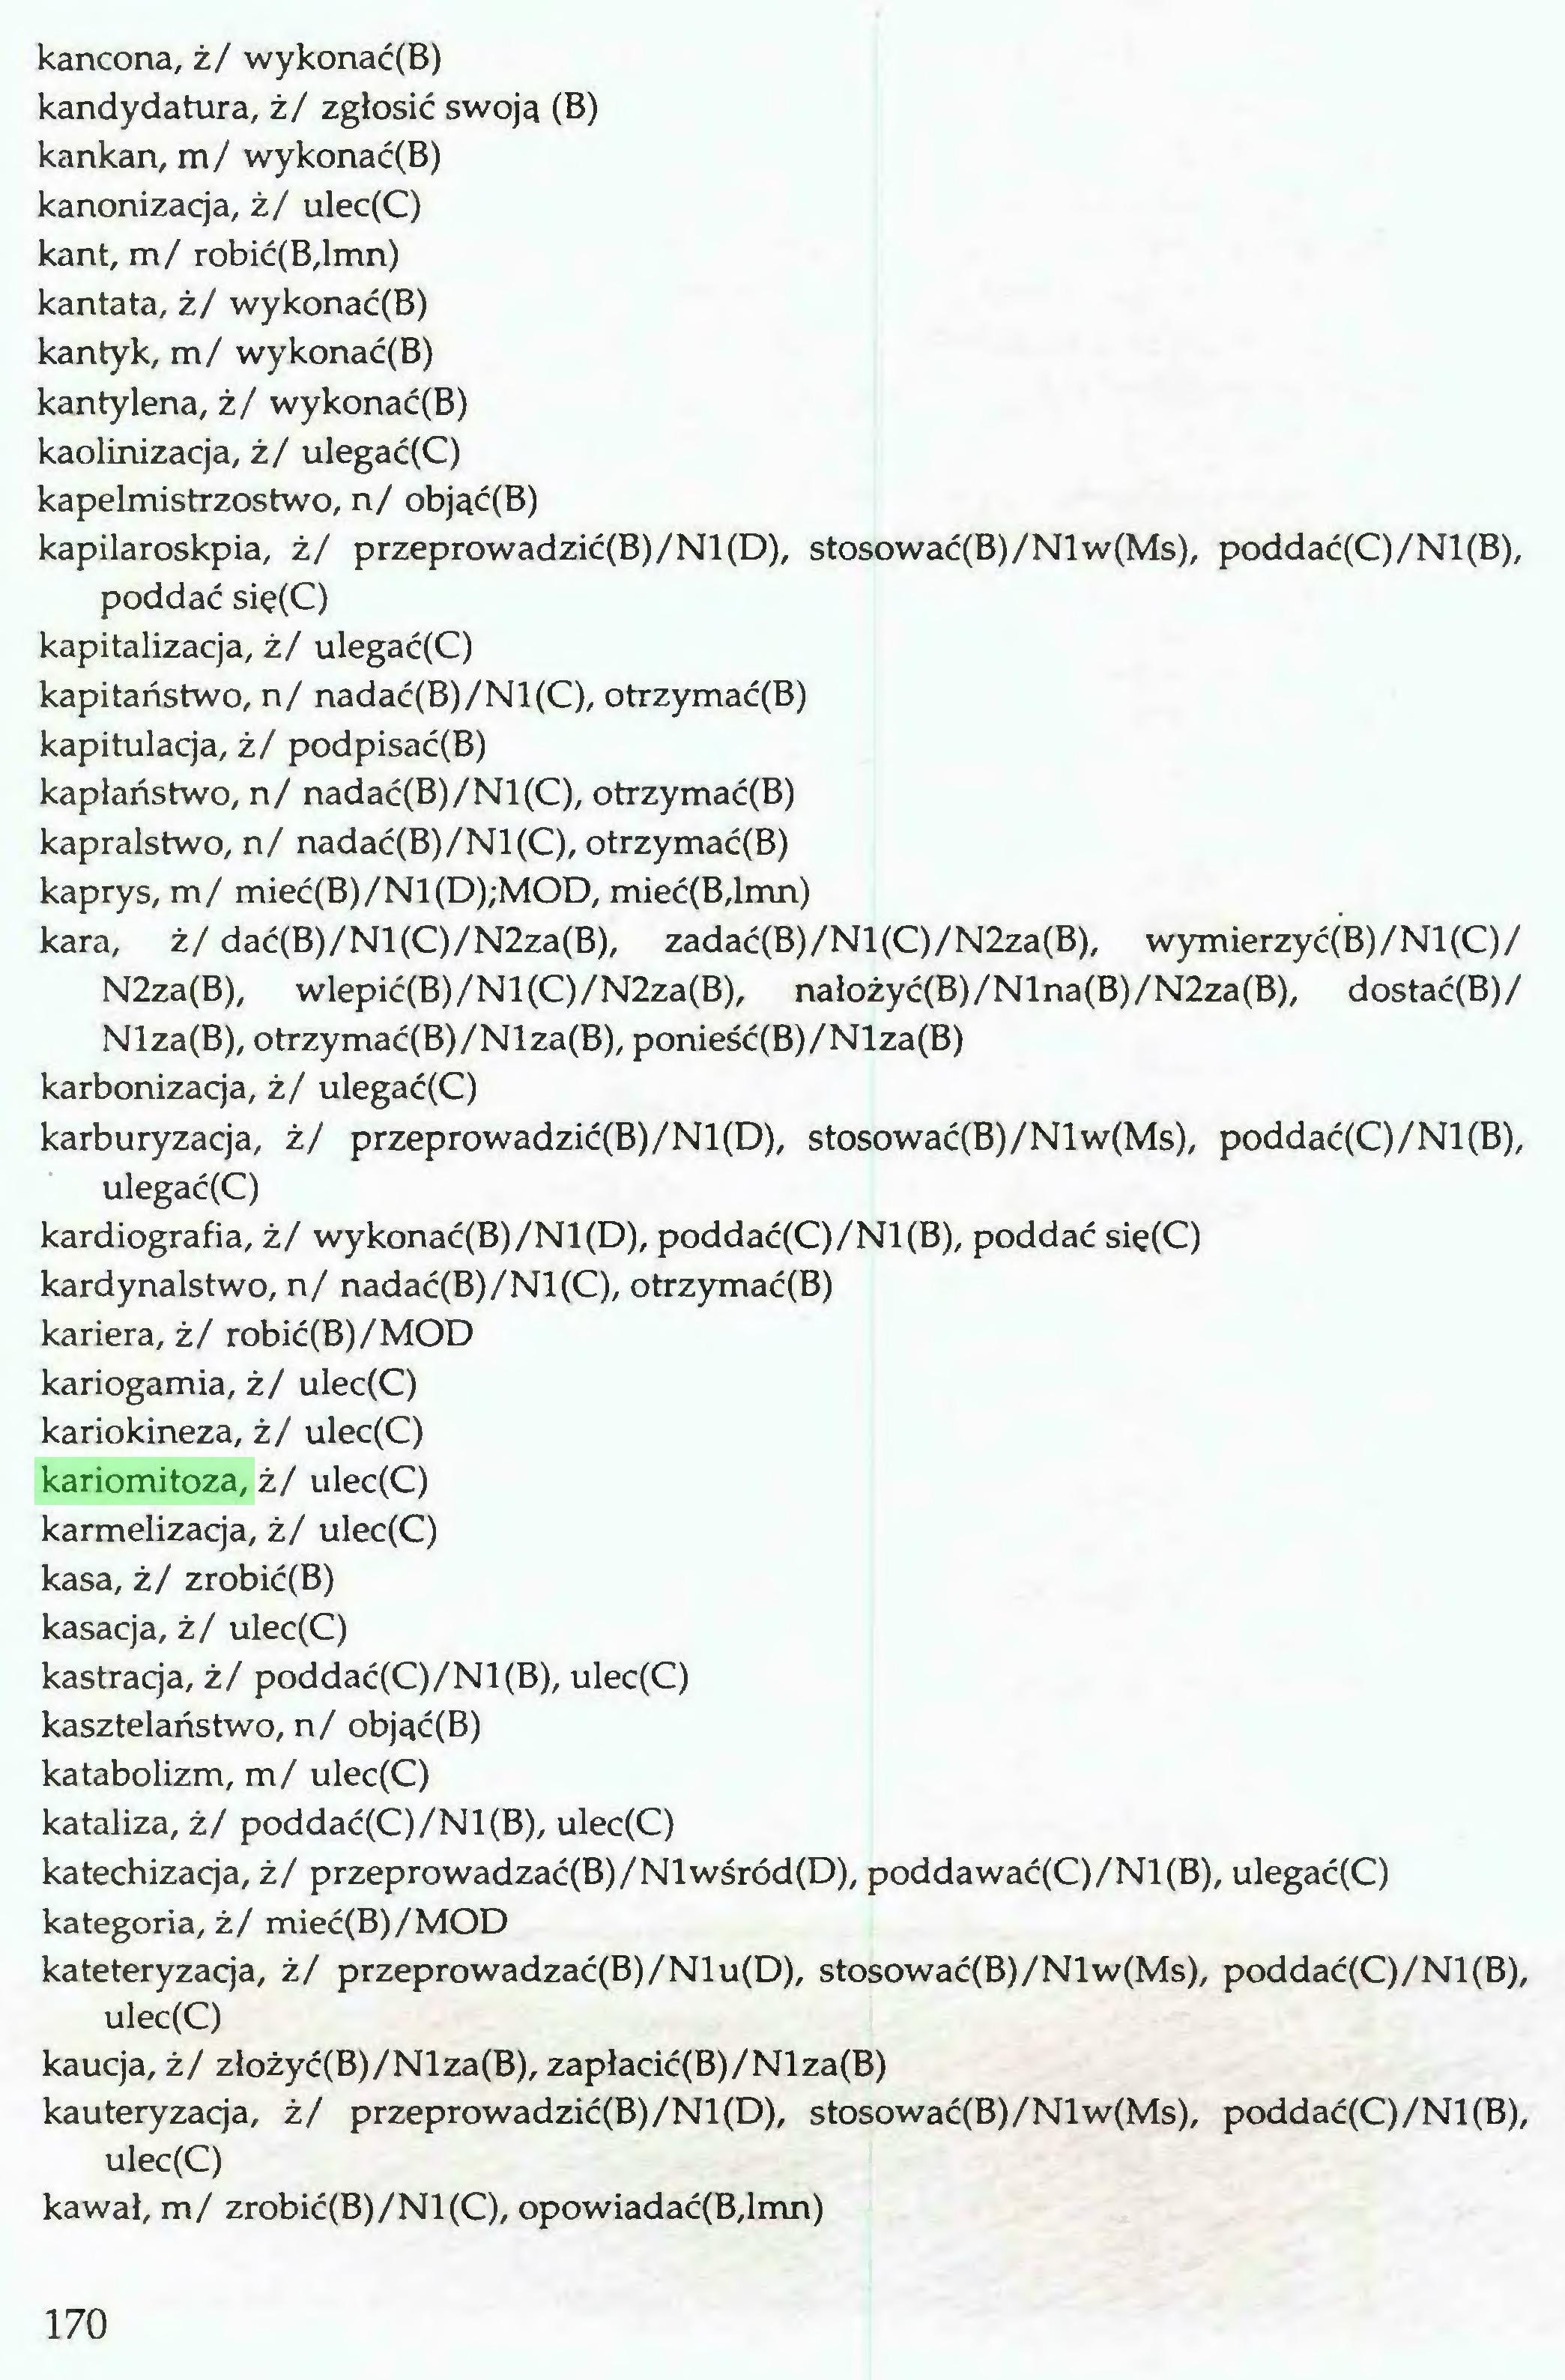 (...) kancona, ż/ wykonać(B) kandydatura, ż/ zgłosić swoją (B) kankan, m/ wykonać(B) kanonizacja, ż/ ulec(C) kant, m/ robić(B,lmn) kantata, ż/ wykonać(B) kantyk, m/ wykonać(B) kantylena, ż/ wykonać(B) kaolinizacja, ż/ ulegać(C) kapelmistrzostwo, n/ objąć(B) kapilaroskpia, ż/ przeprowadzić(B)/Nl(D), stosować(B)/Nlw(Ms), poddać(C)/Nl(B), poddać się(C) kapitalizacja, ż/ ulegać(C) kapitaństwo, n/ nadać(B)/Nl(C), otrzymać(B) kapitulacja, ż/ podpisać(B) kapłaństwo, n/ nadać(B)/Nl(C), otrzymać(B) kapralstwo, n/ nadać(B)/Nl(C), otrzymać(B) kaprys, m/ mieć(B)/Nl(D);MOD, mieć(B,lmn) kara, ż/ dać(B)/Nl(C)/N2za(B), zadać(B)/Nl(C)/N2za(B), wymierzyć(B)/Nl(C)/ N2za(B), wlepić(B)/Nl(C)/N2za(B), nałożyć(B)/Nlna(B)/N2za(B), dostać(B)/ Nlza(B), otrzymać(B)/Nlza(B), ponieść(B)/Nlza(B) karbonizacja, ż/ ulegać(C) karburyzacja, ż/ przeprowadzić(B)/Nl(D), stosować(B)/Nlw(Ms), poddać(C)/Nl(B), ulegać(C) kardiografia, ż/ wykonać(B)/Nl(D), poddać(C)/Nl(B), poddać sie(C) kardynalstwo, n/ nadać(B)/Nl(C), otrzymać(B) kariera, ż/ robić(B)/MOD kariogamia, ż/ ulec(C) kariokineza, ż/ ulec(C) kariomitoza, ż/ ulec(C) karmelizacja, ż/ ulec(C) kasa, ż/ zrobić(B) kasacja, ż/ ulec(C) kastraq'a, ż/ poddać(C)/Nl(B), ulec(C) kasztelaństwo, n/ objąć(B) katabolizm, m/ ulec(C) kataliza, ż/ poddać(C)/Nl(B), ulec(C) katechizacja, ż/ przeprowadzać(B)/Nlwśród(D), poddawać(C)/Nl(B), ulegać(C) kategoria, ż/ mieć(B)/MOD kateteryzacja, ż/ przeprowadzać(B)/Nlu(D), stosować(B)/Nlw(Ms), poddać(C)/Nl(B), ulec(C) kaucja, ż/ złożyć(B)/Nlza(B), zapłacić(B)/Nlza(B) kauteryzacja, ż/ przeprowadzić(B)/Nl(D), stosować(B)/Nlw(Ms), poddać(C)/Nl(B), ulec(C) kawał, m/ zrobić(B)/Nl(C), opowiadać(B,lmn) 170...